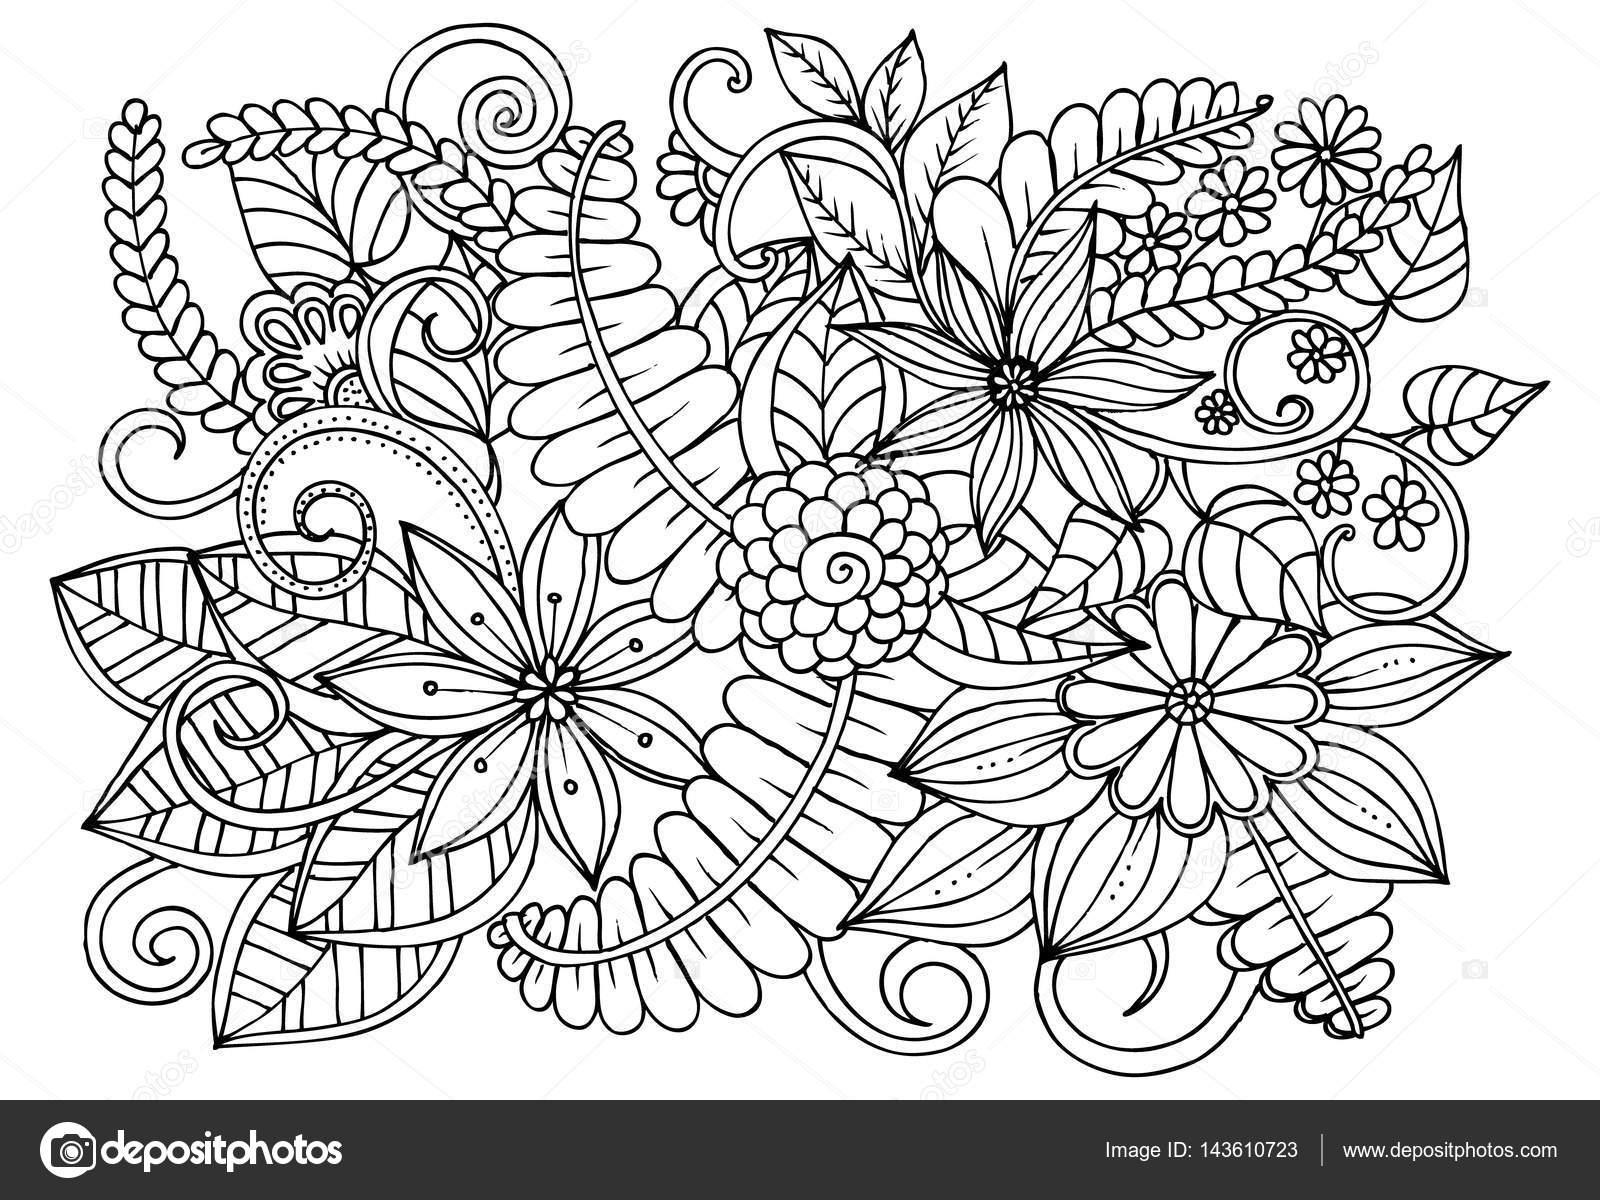 Doodle çiçek Desenli Siyah Ve Beyaz Boyama Kitabı Sayfası Stok